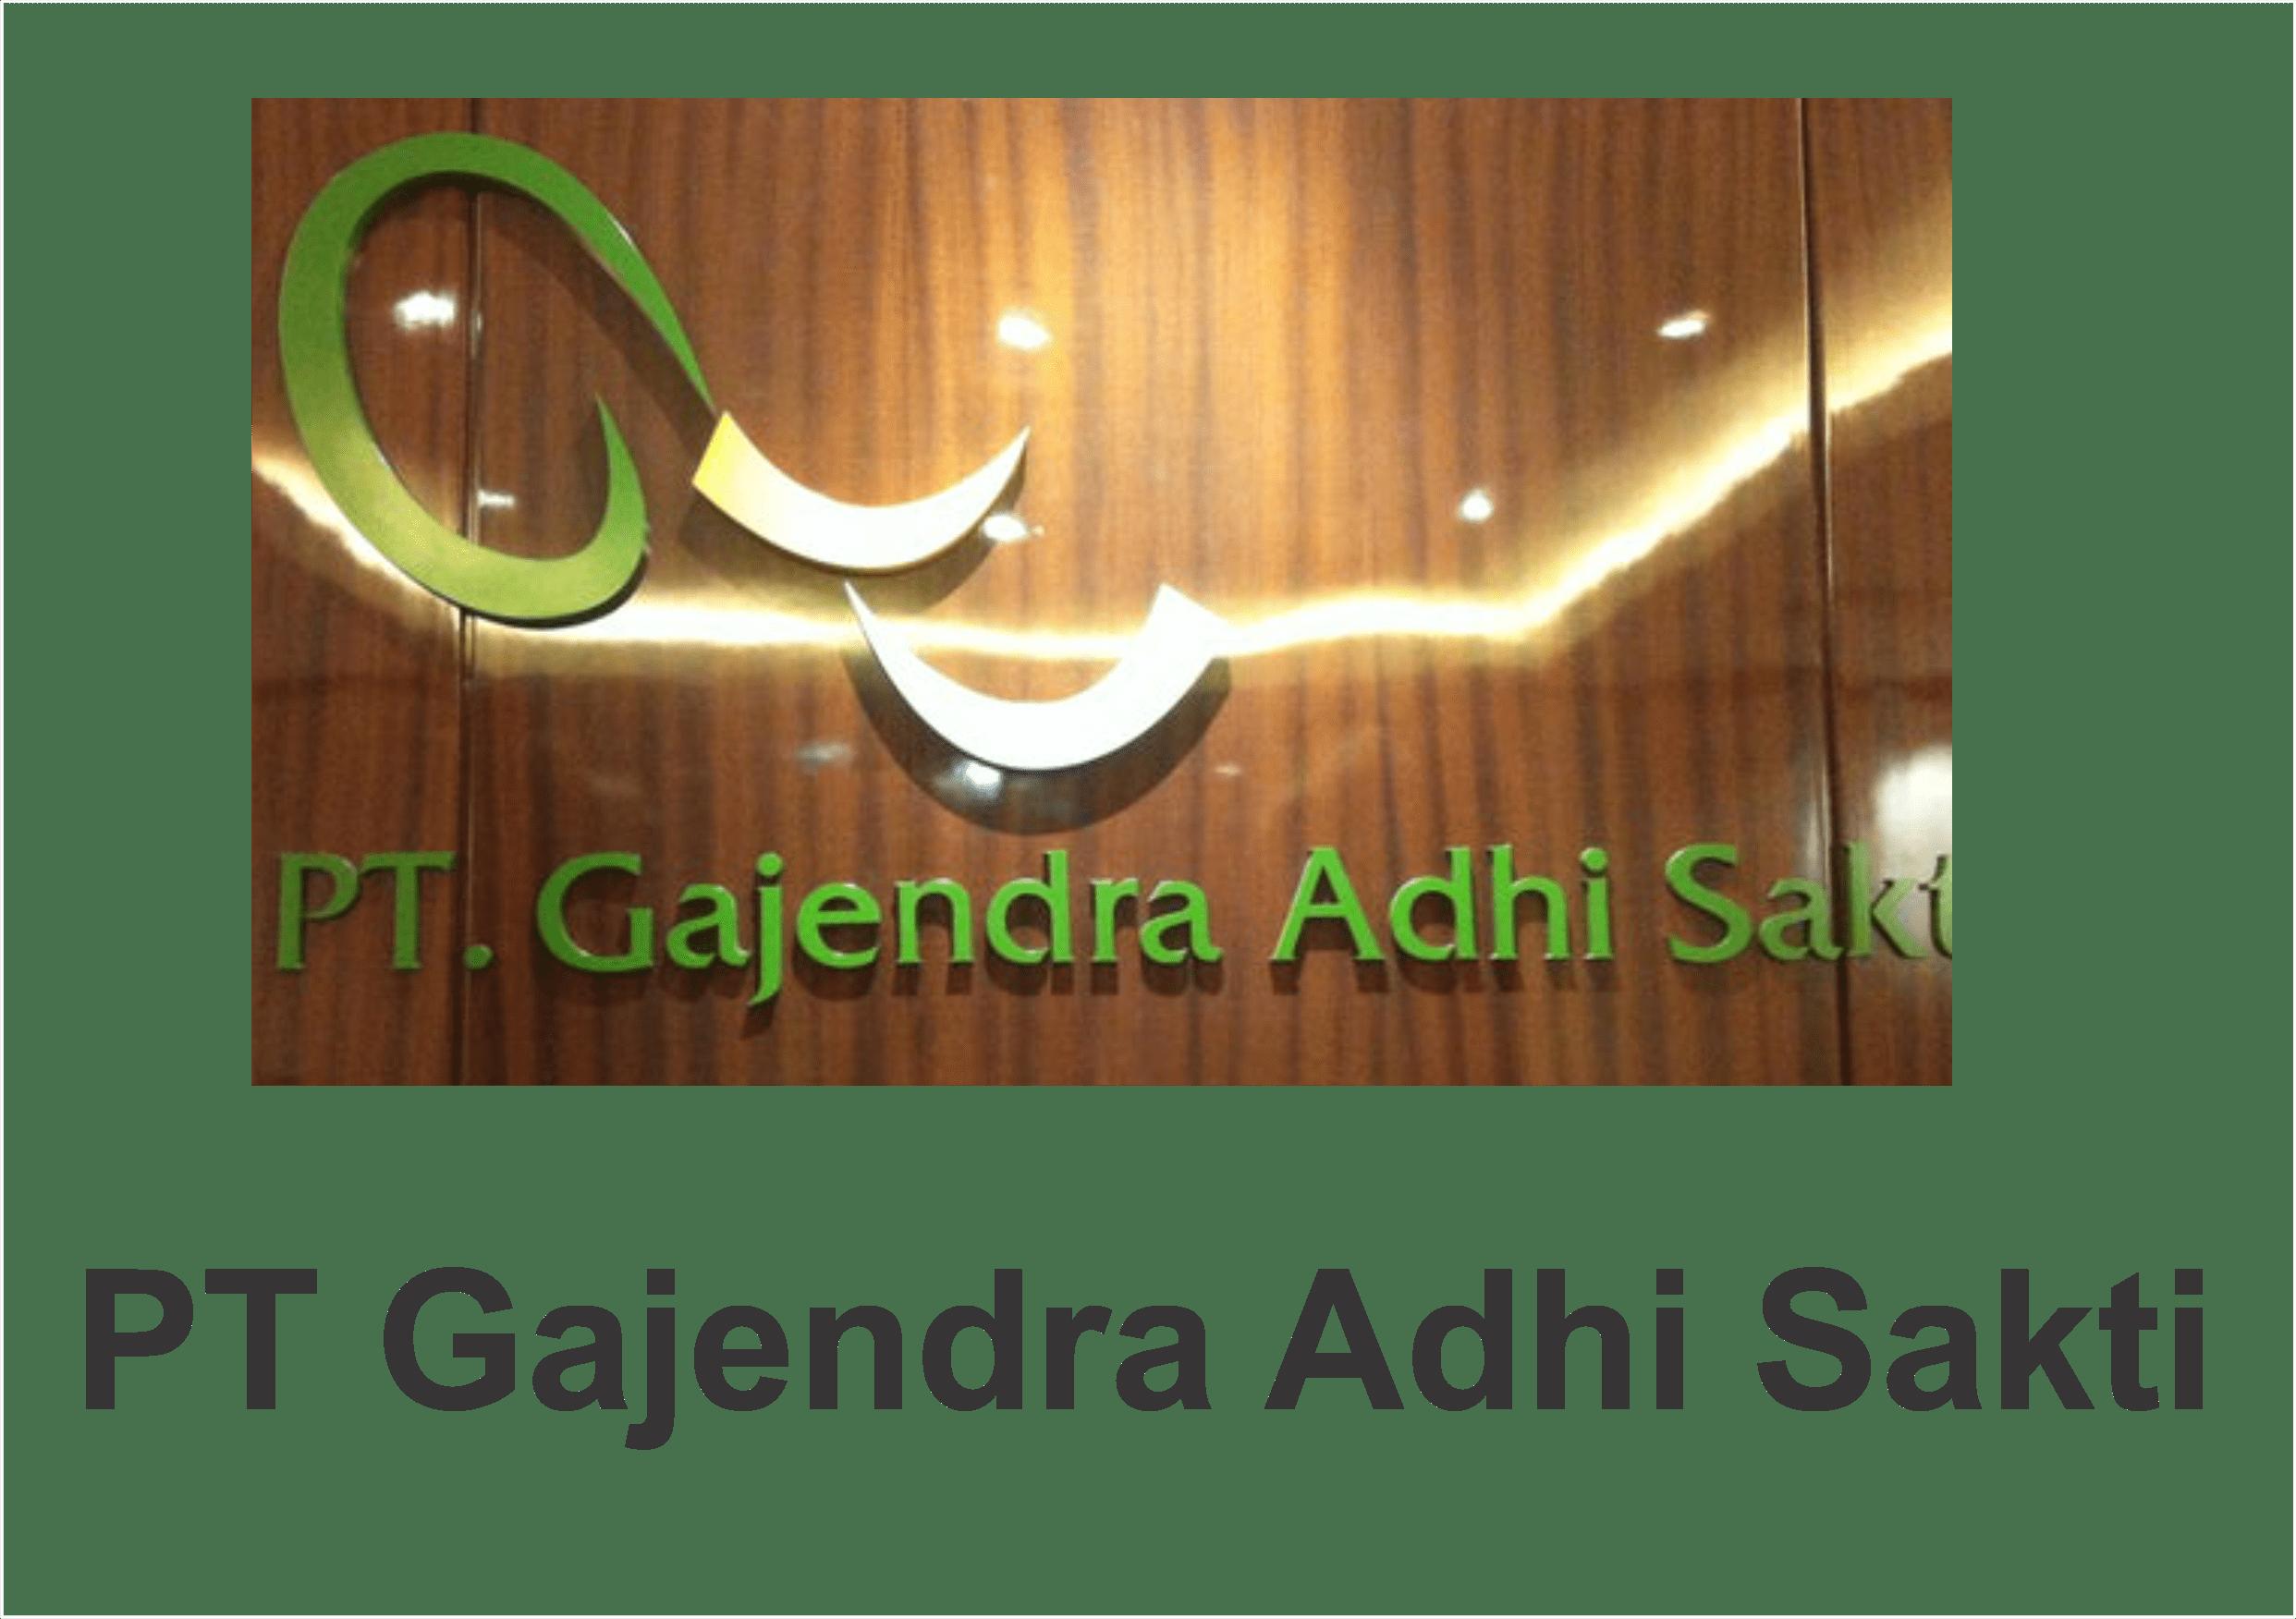 PT Gajendra Adhi Sakti